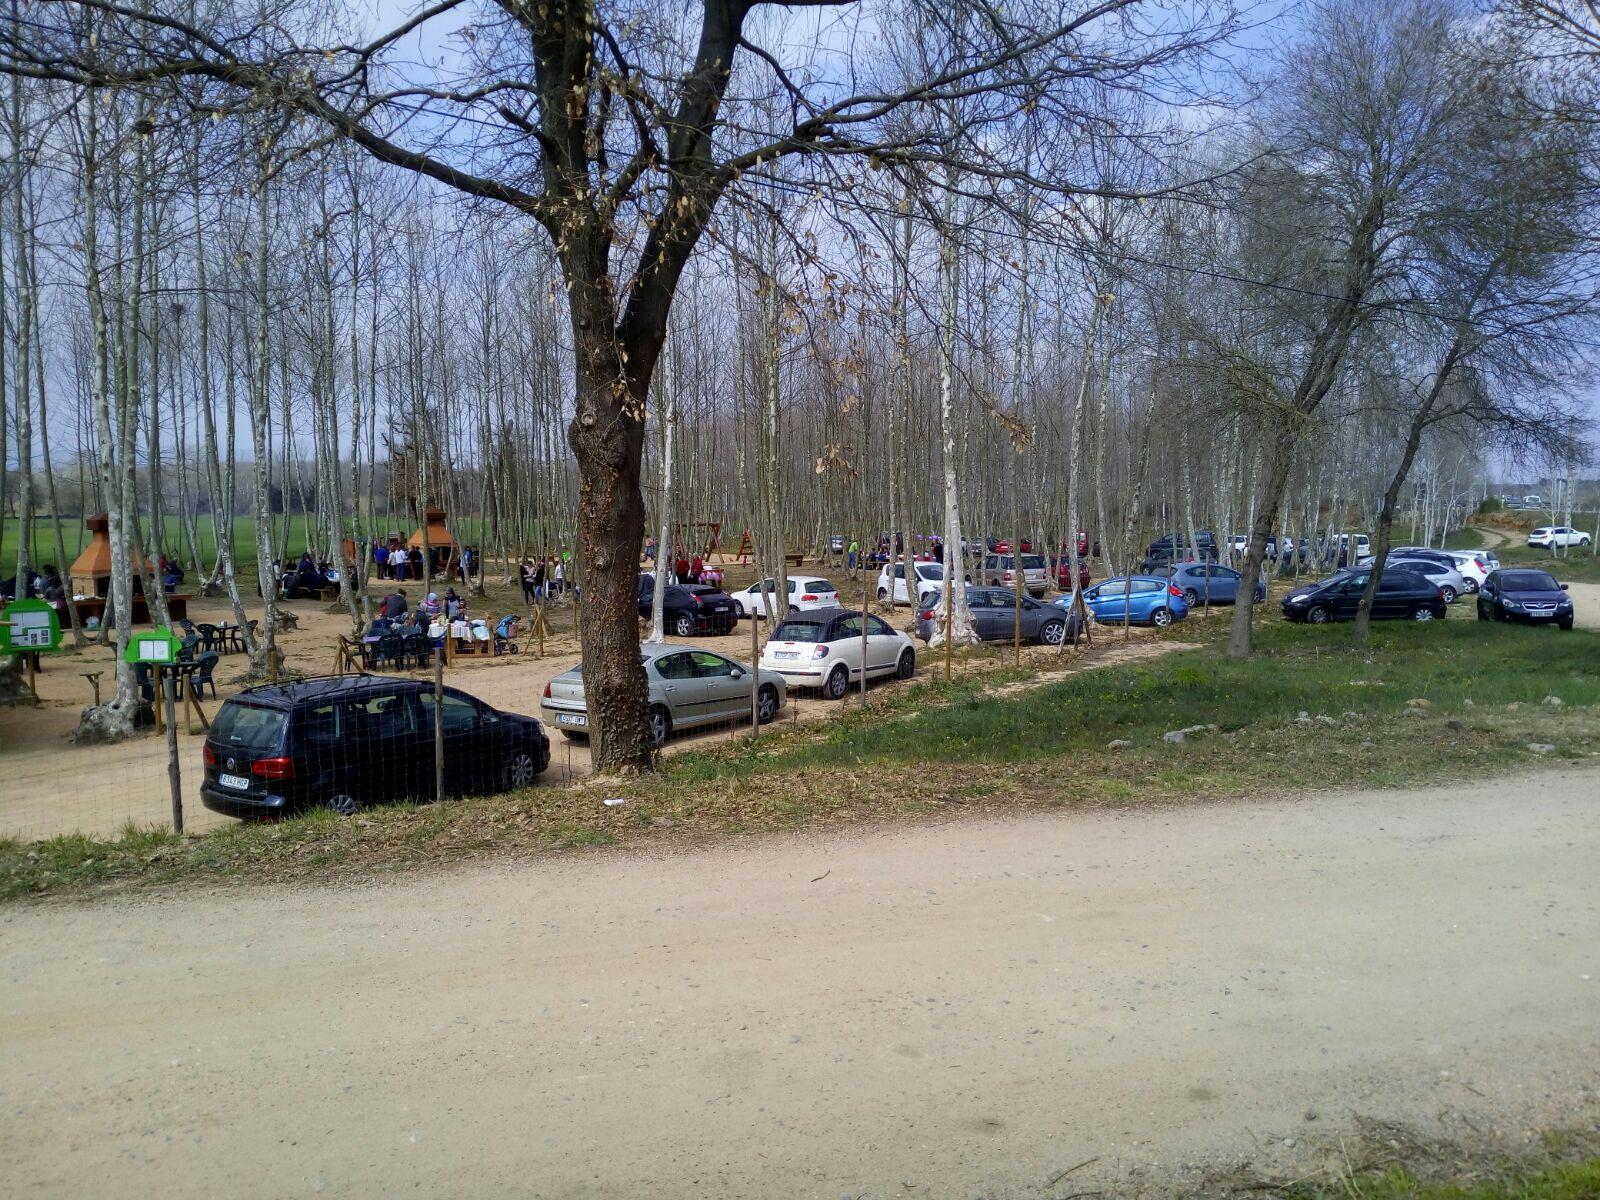 cotxes zona aparcament gratuit picnic les 3 flors